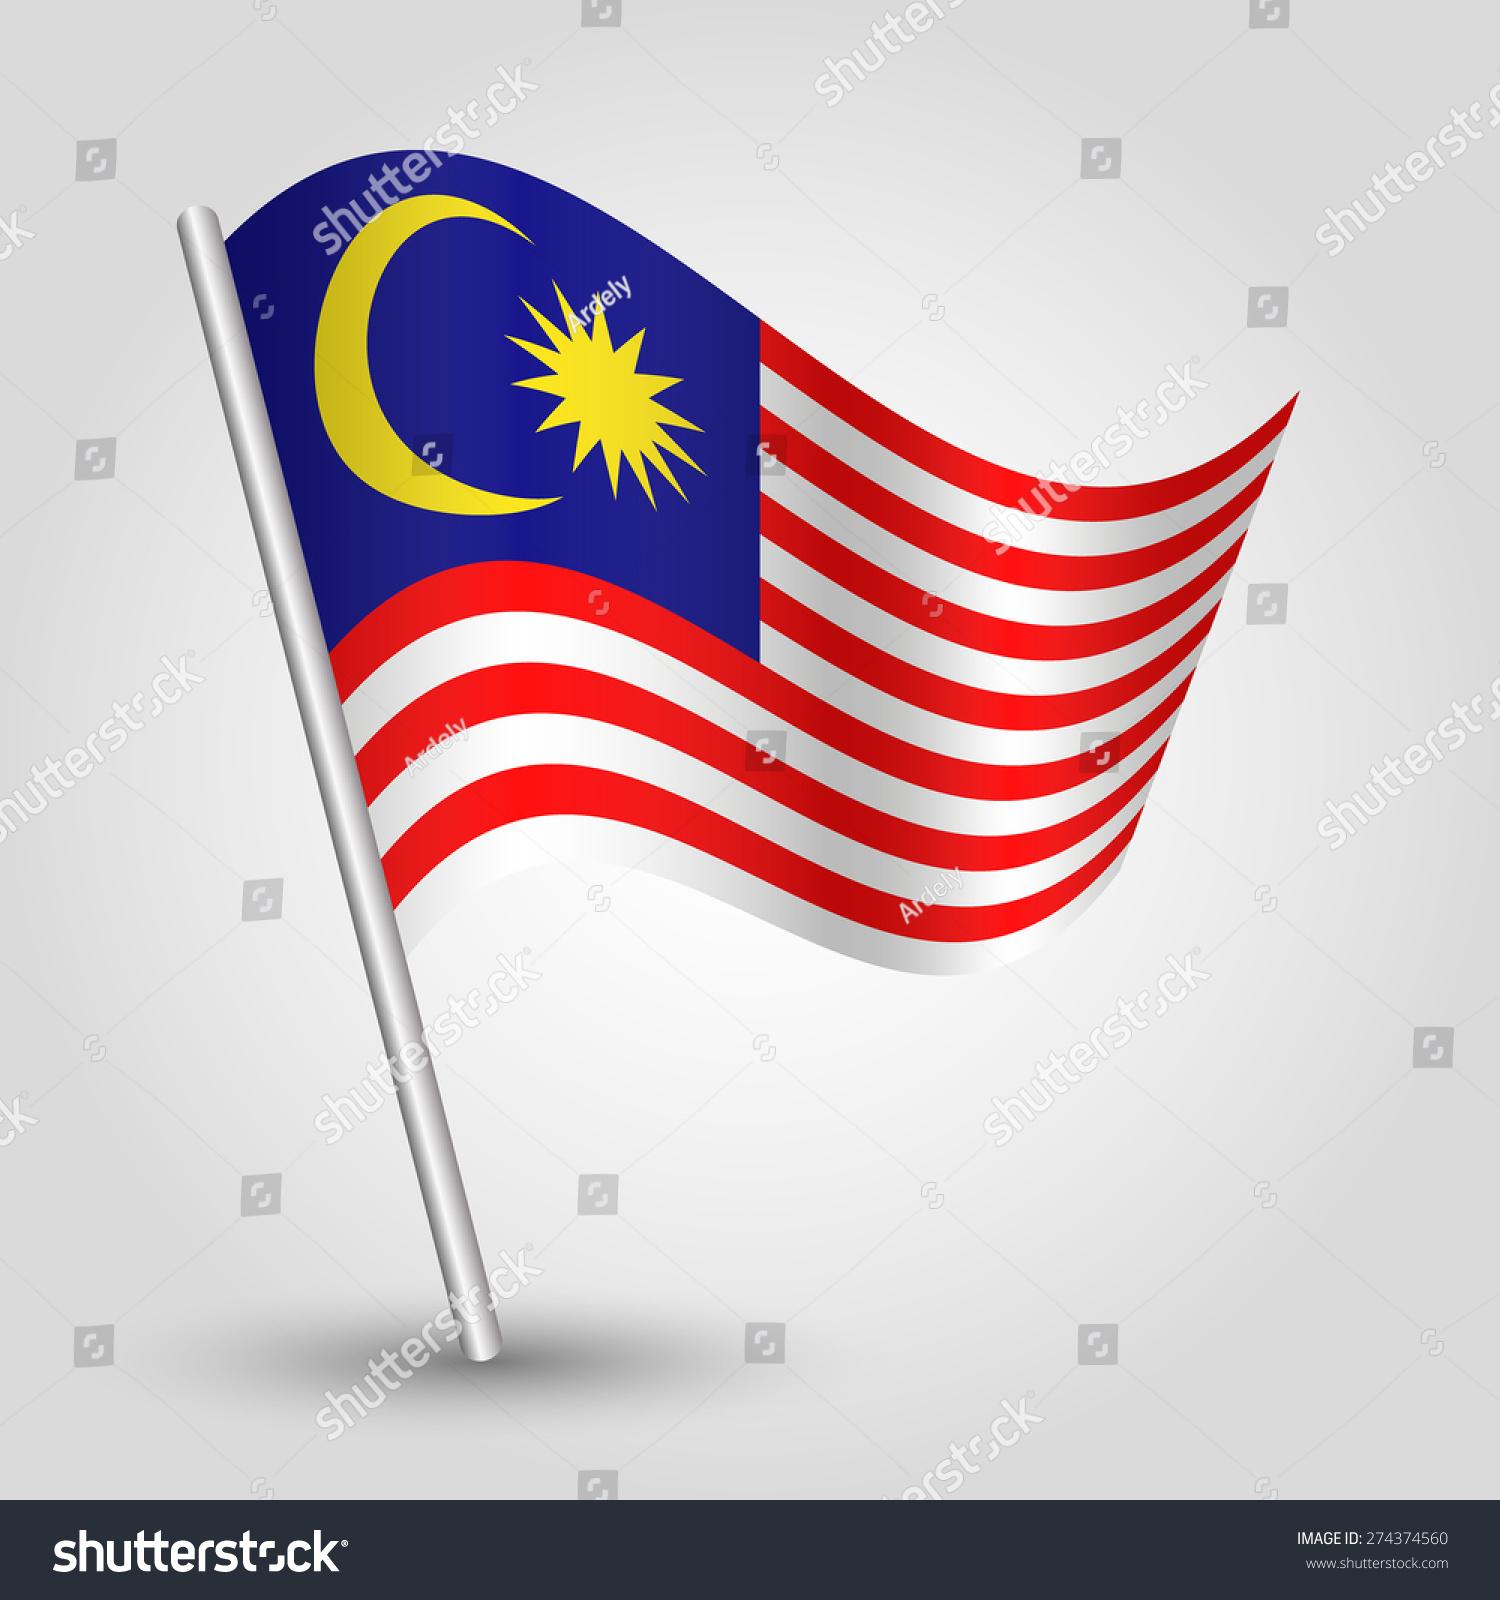 向量挥舞着简单的三角形马来西亚国旗与倾斜金属杆—